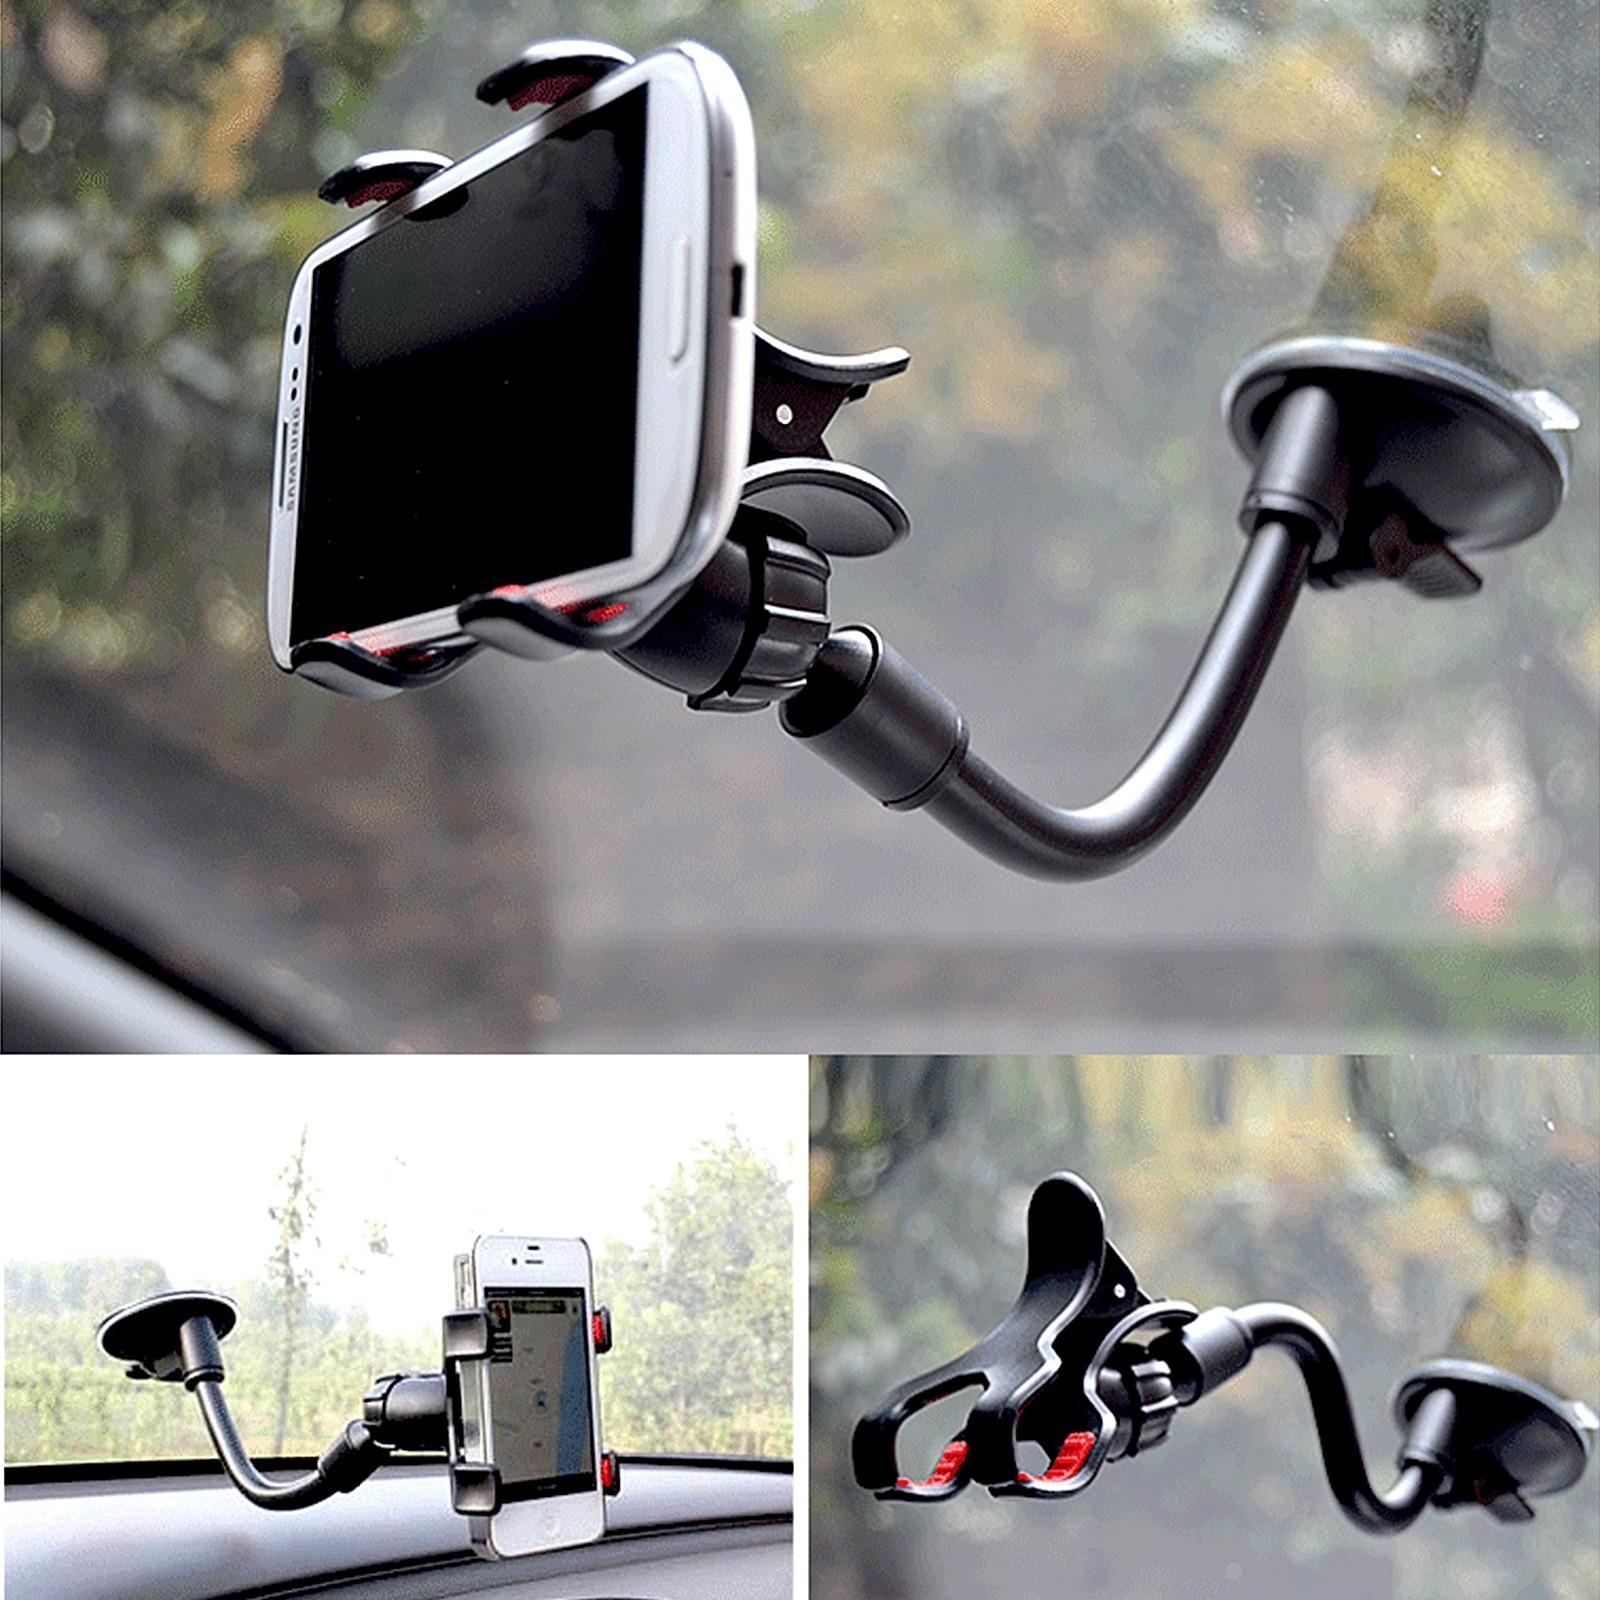 Вращающийся на 360 градусов держатель для автомобильной приборной панели, крепление для телефона, подставка, держатель для телефона для авто...